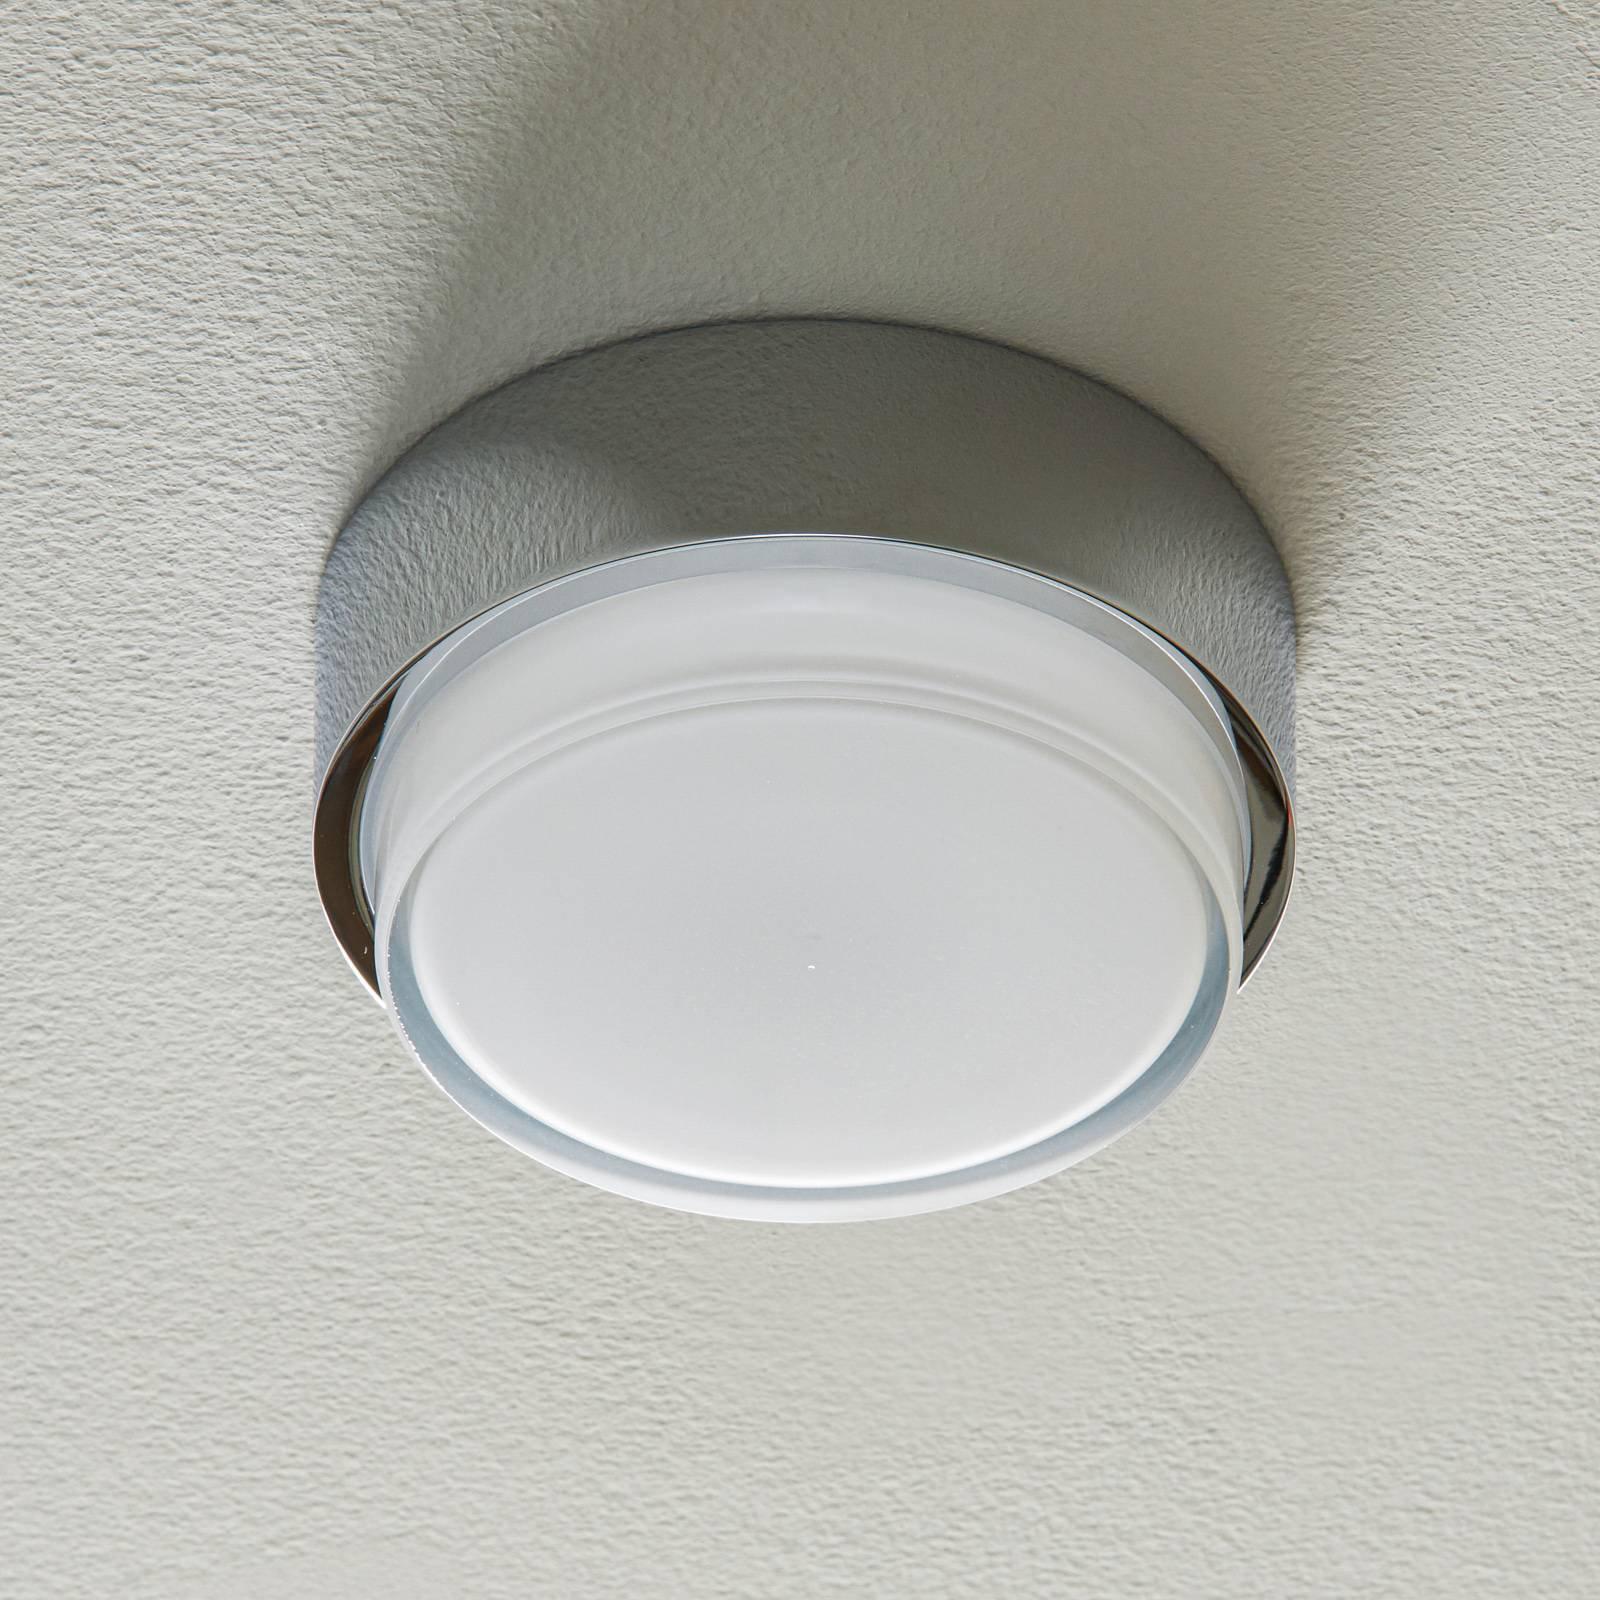 BEGA 50535 LED-taklampe 930 krom Ø15,5cm